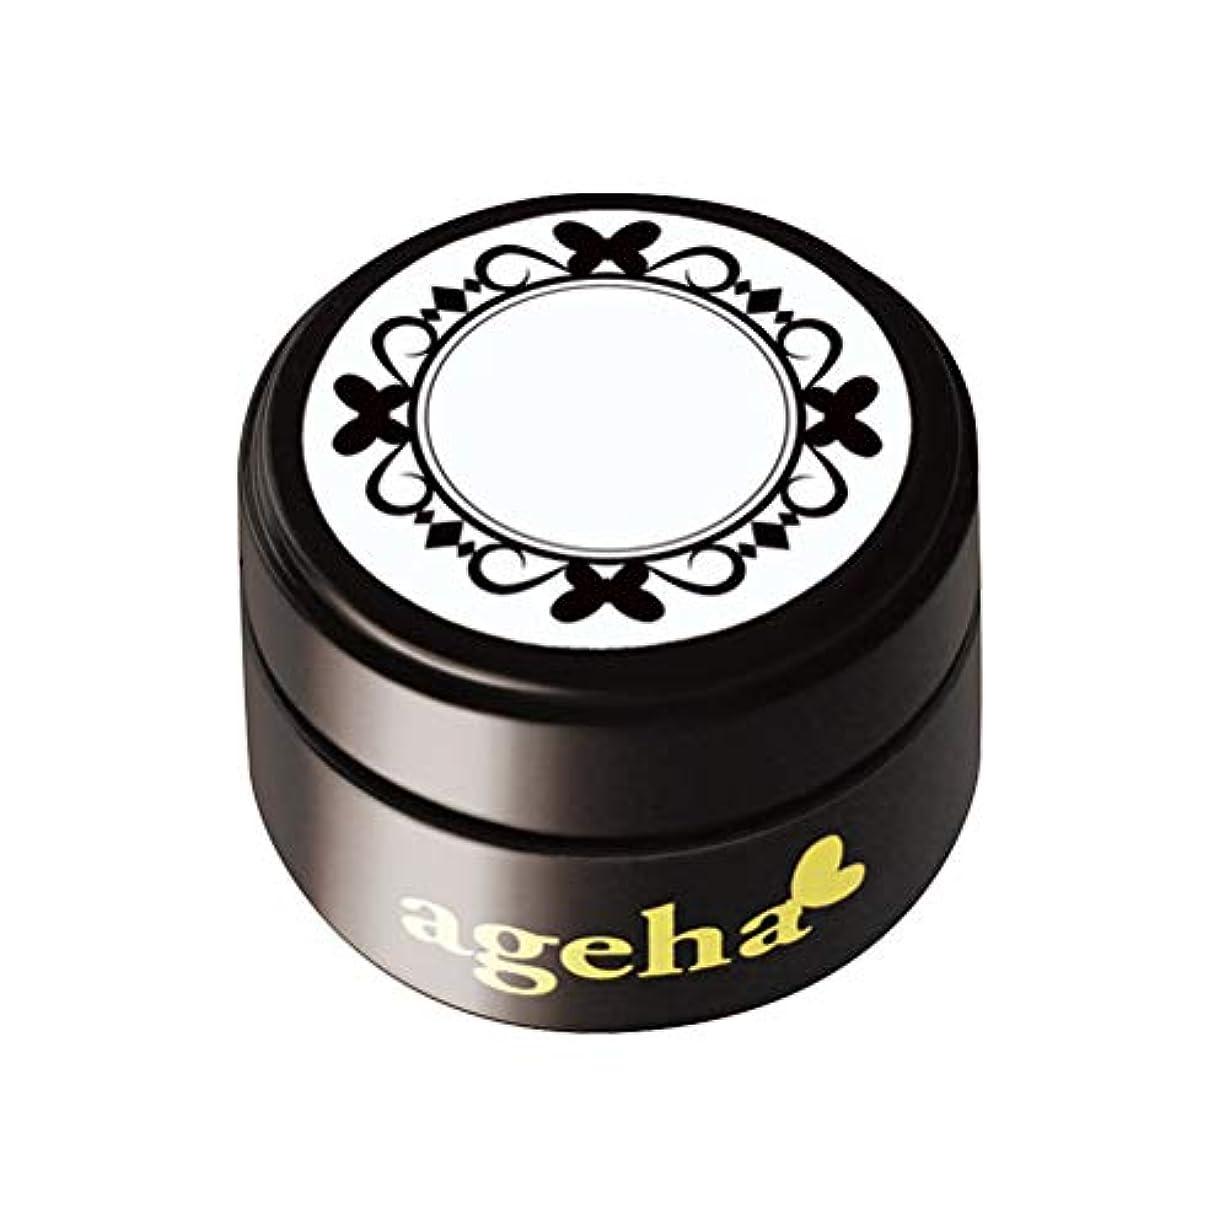 アラブ人吹雪マラドロイトagehagel(アゲハジェル) ageha コスメカラー 137 サンドベージュG?MIX 2.7g UV/LED対応 ジェルネイル